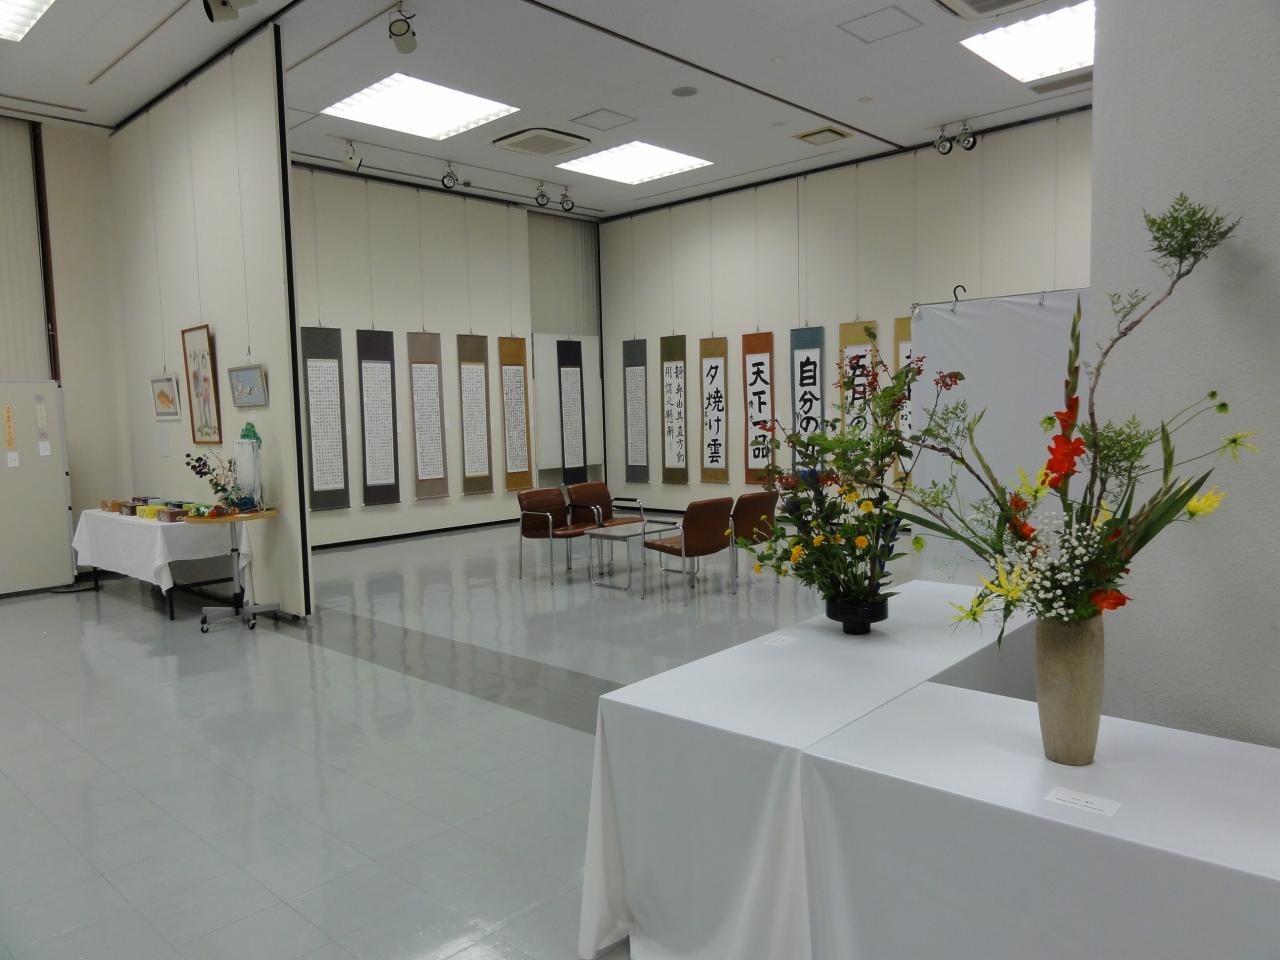 平成30年度 みんなの区民ギャラリー展(ワークショップ同時開催)